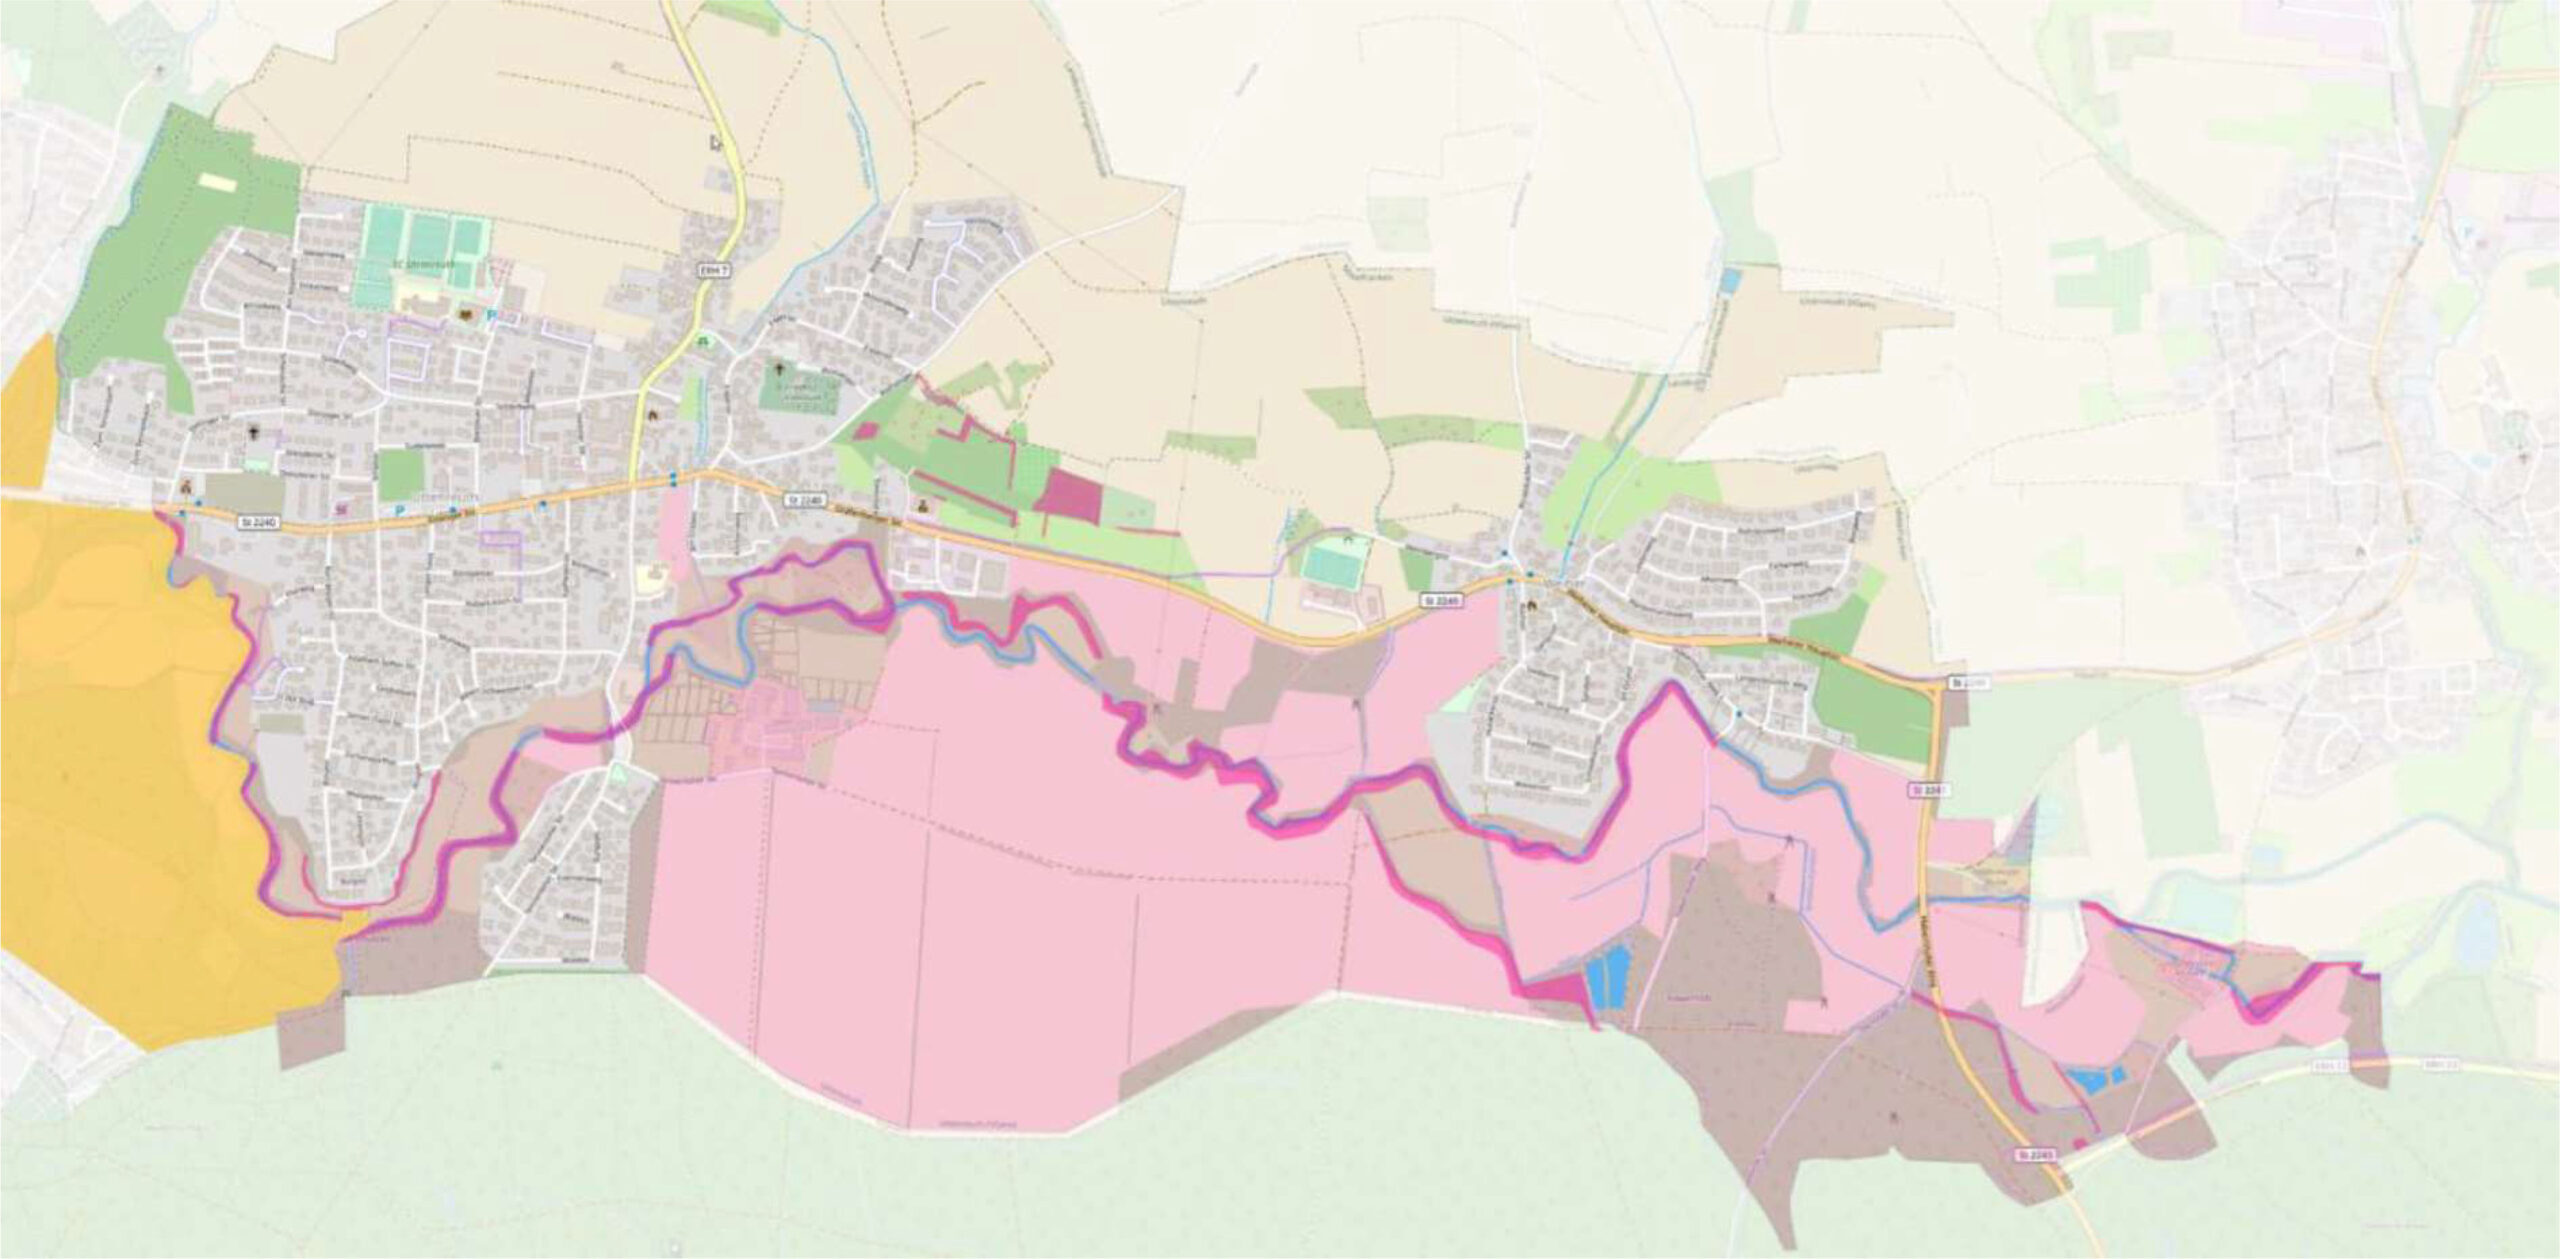 Ausweisung des Schwabachtals als Landschaftschutzgebiet